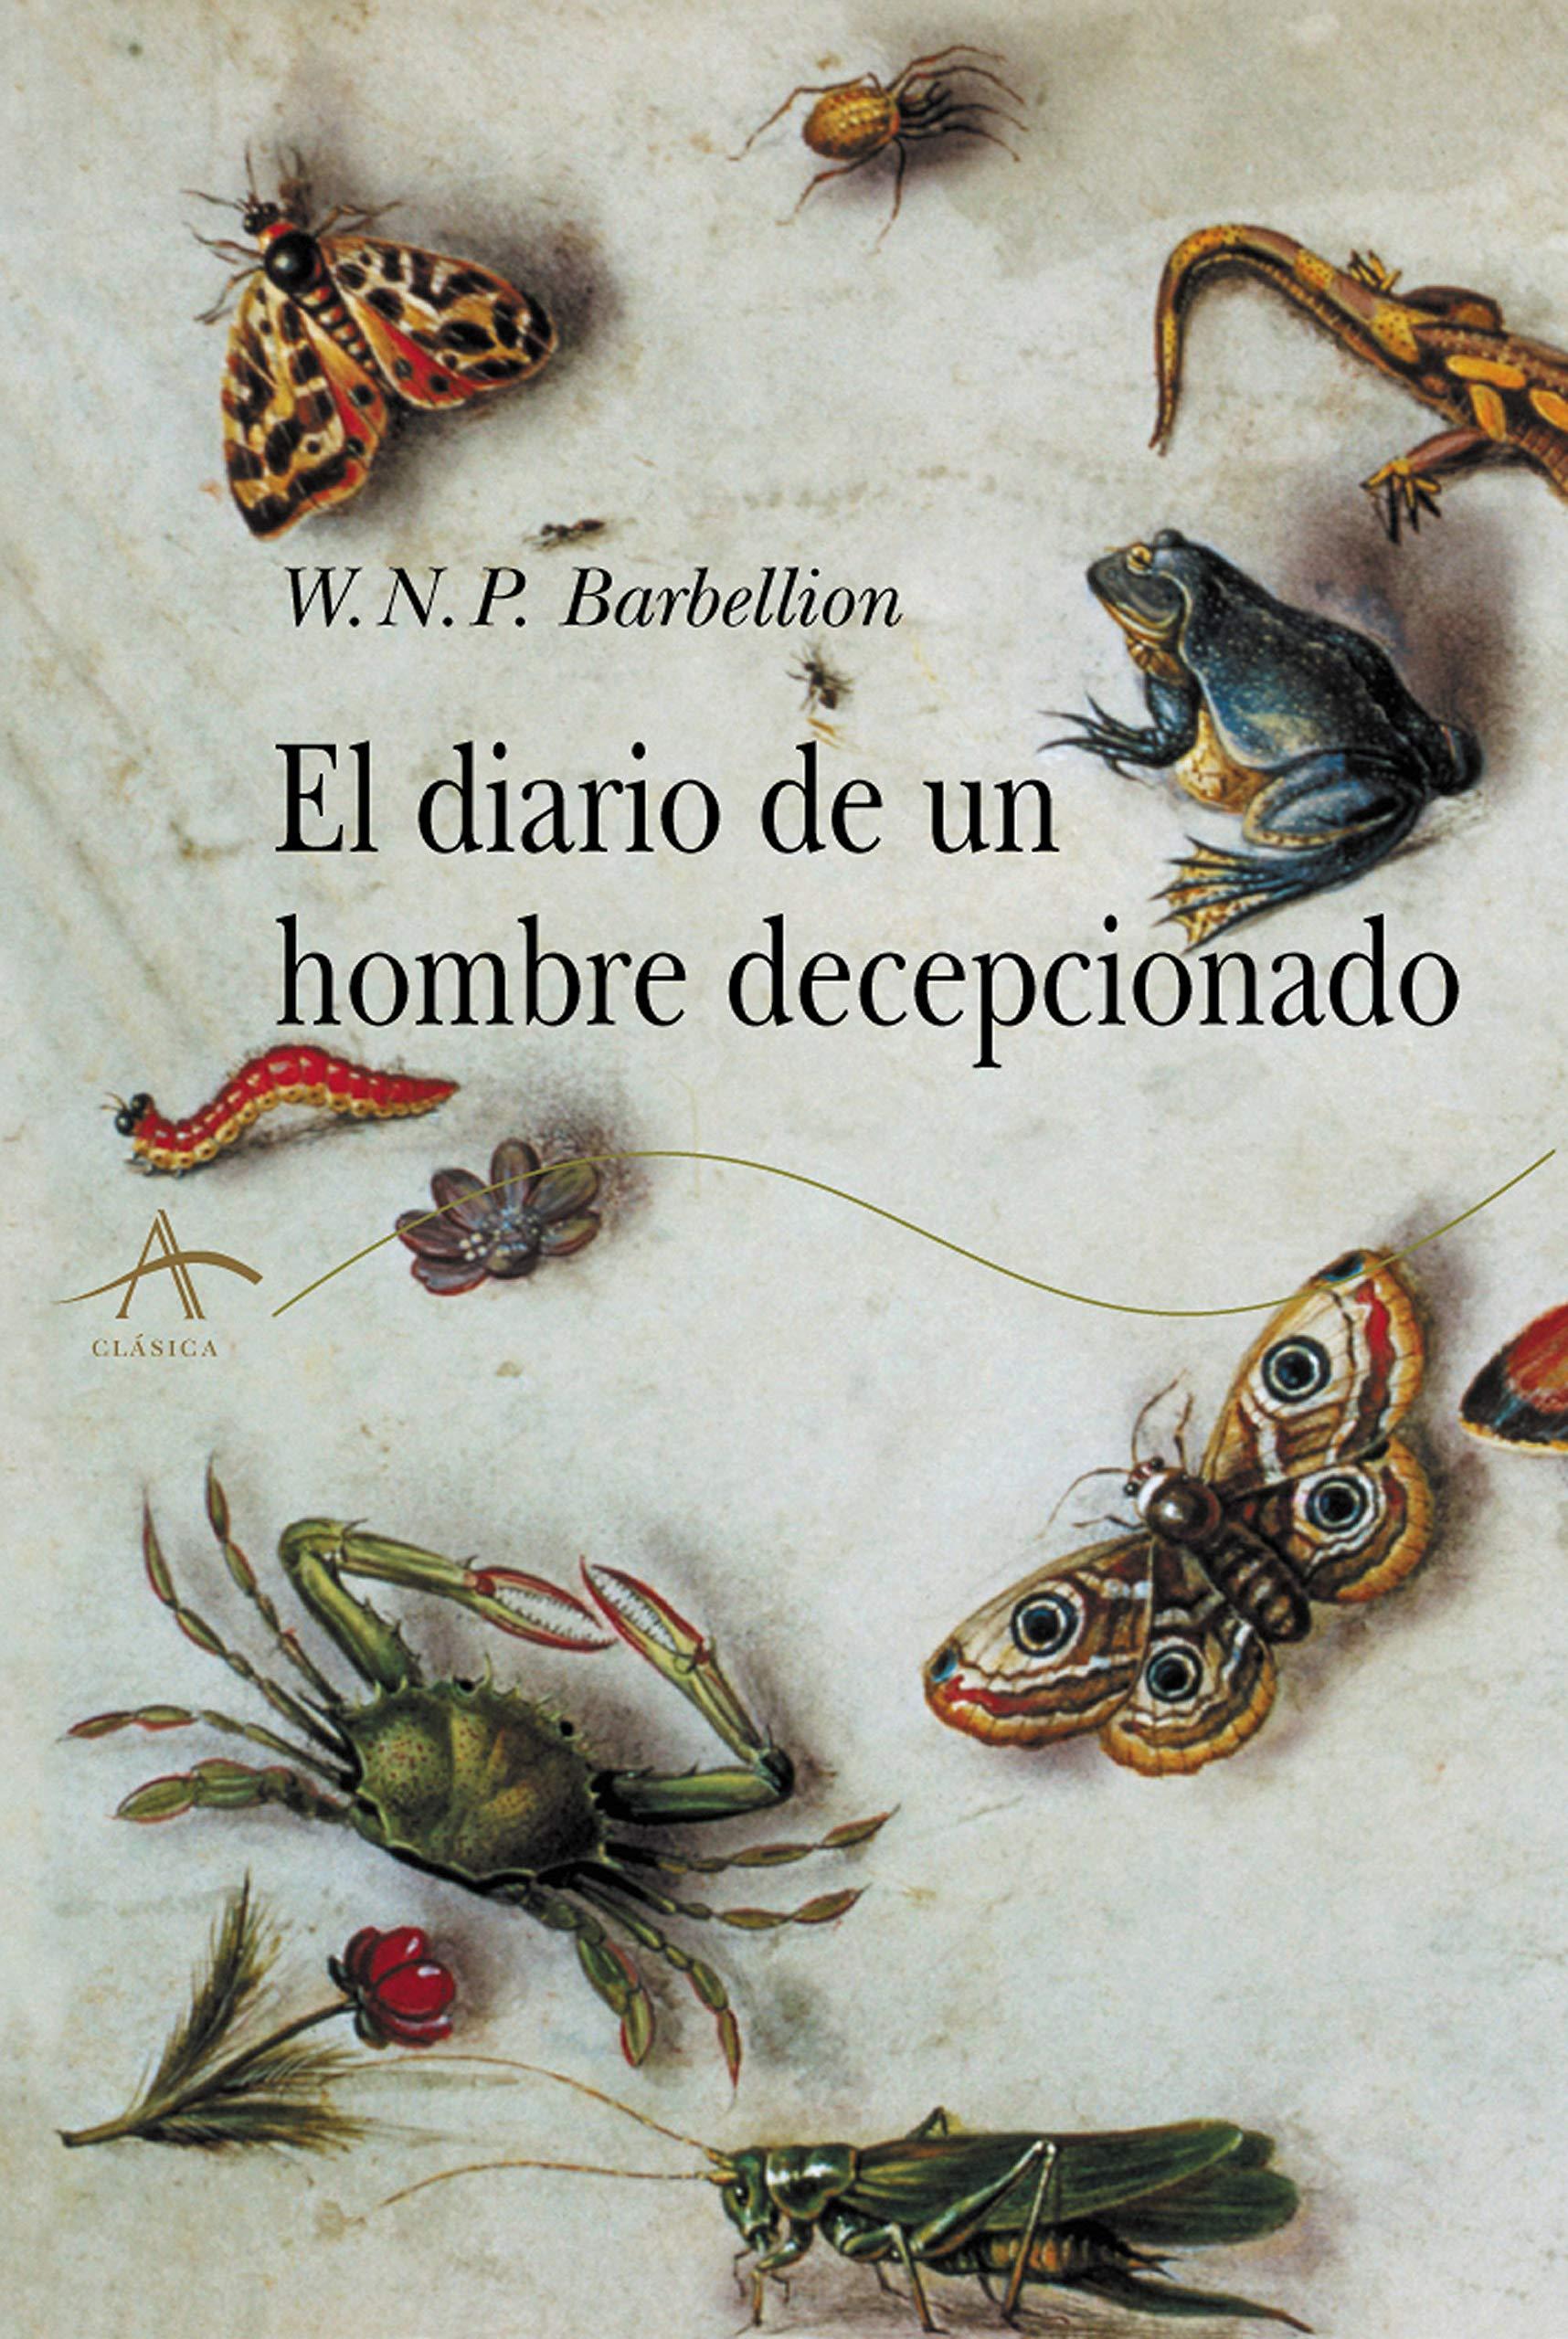 El diario de un hombre decepcionado (Alba Clásica): Amazon.es: Barbellion, W. N. P., Francí, Carmen: Libros